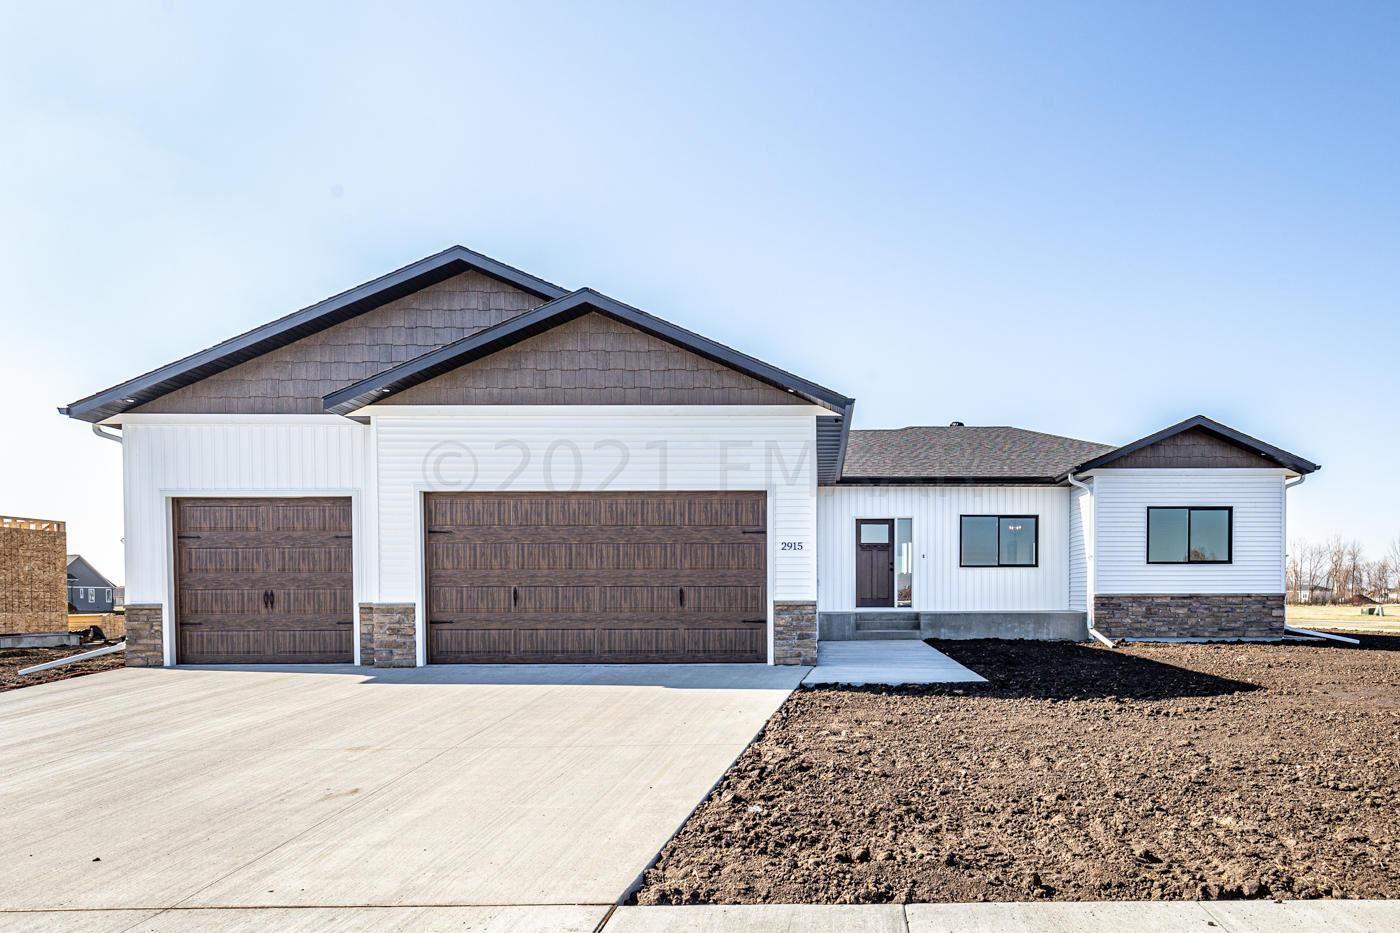 2915 PRAIRIE FARMS Circle S, Fargo, ND 58104 - #: 21-431